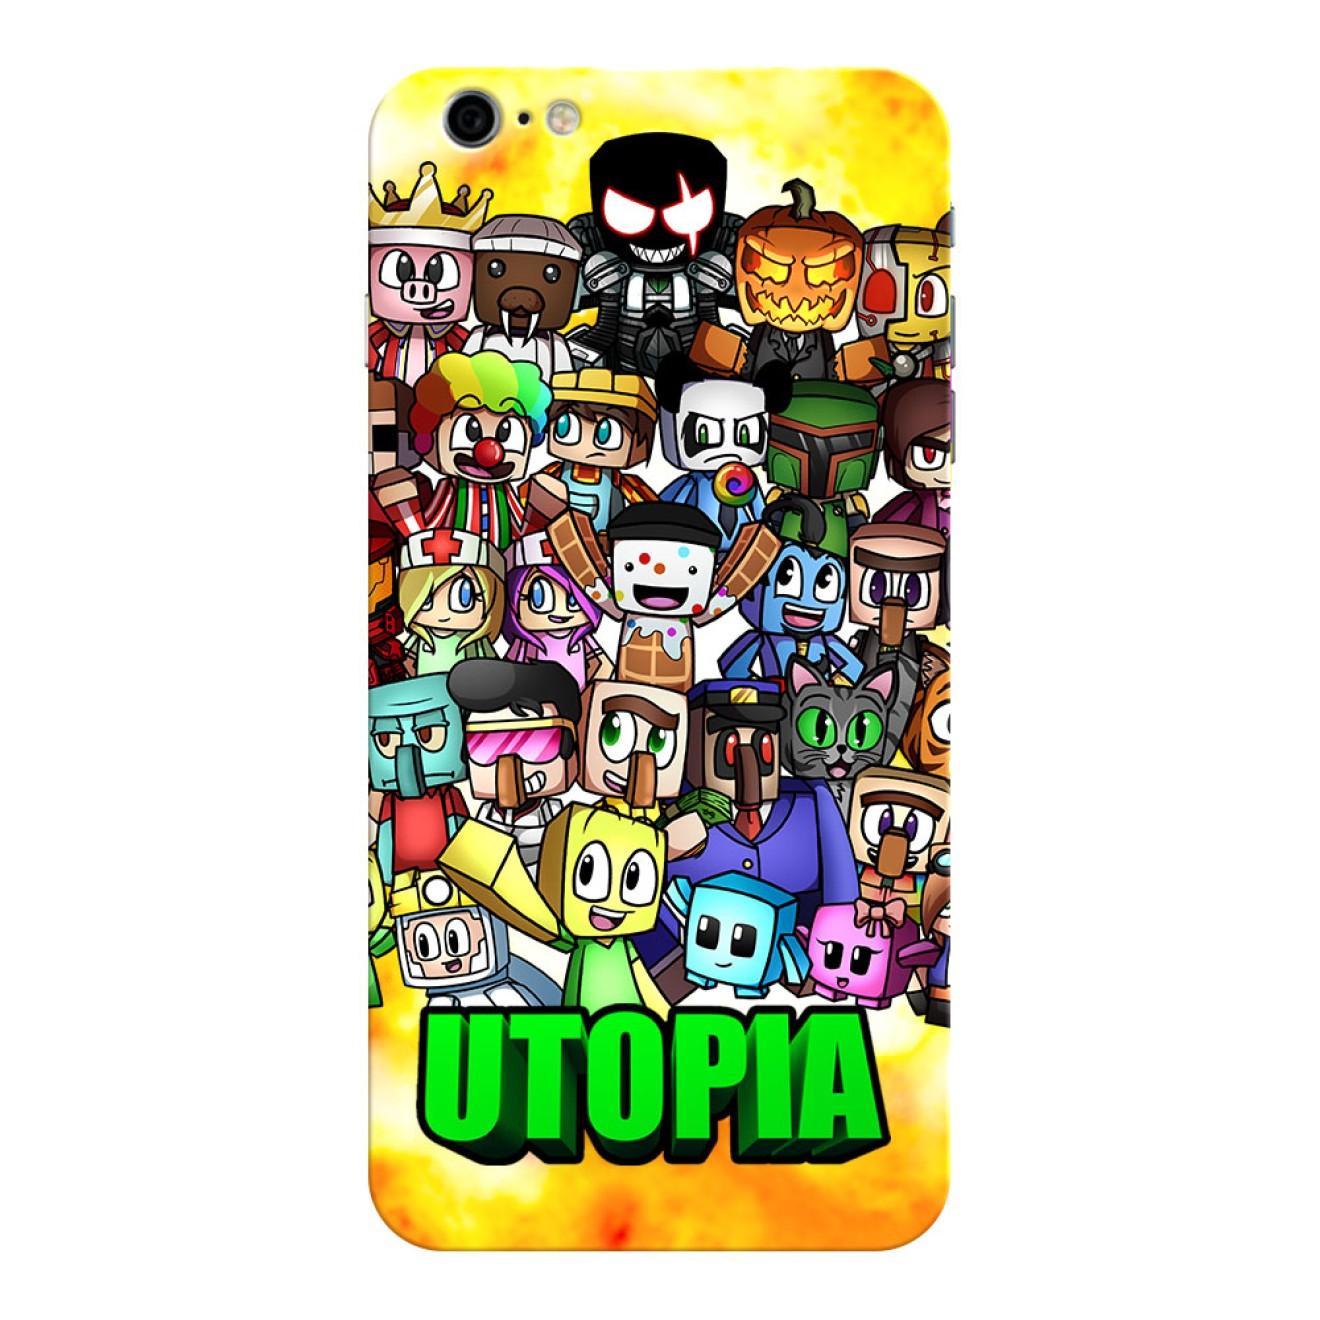 Utopia Website Design